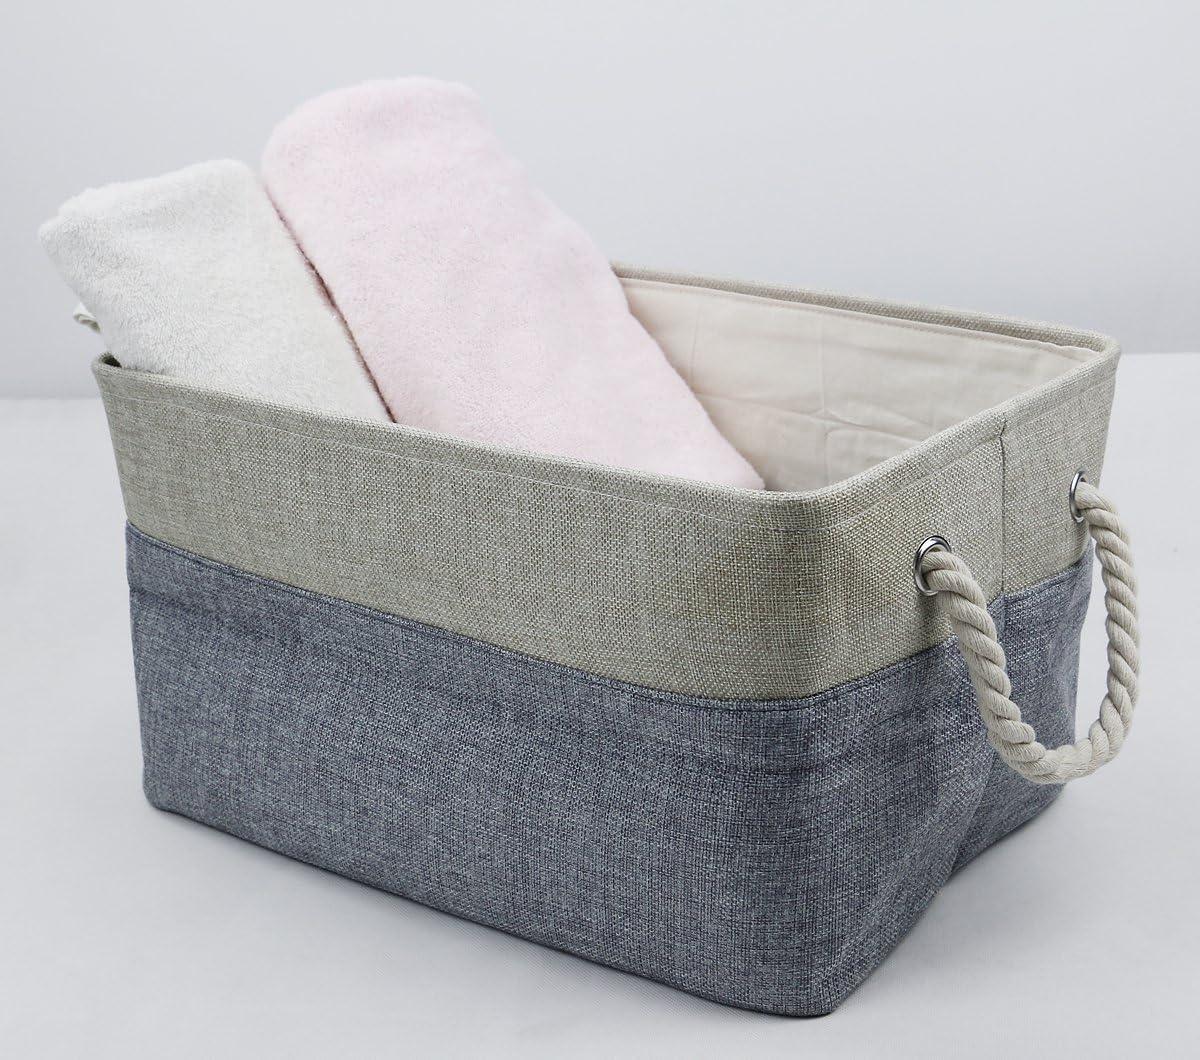 organizador de pa/ño almacenamiento de libros gris Natural de lino doblando cestas de almacenamiento con cierre de algod/ón para juguetes cubo de almacenamiento para el estante